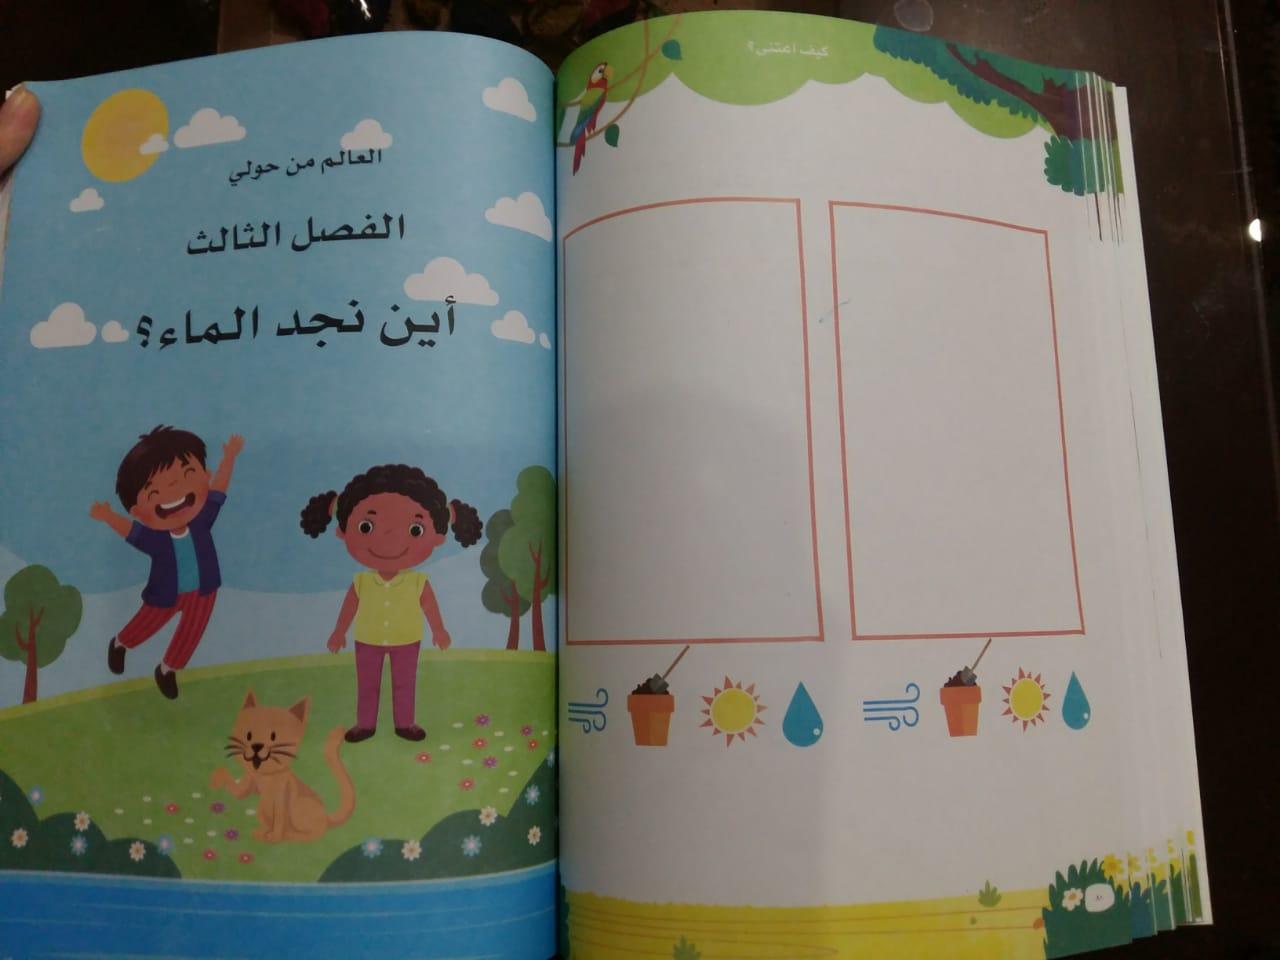 منهج رياض الأطفال الجديد (25)